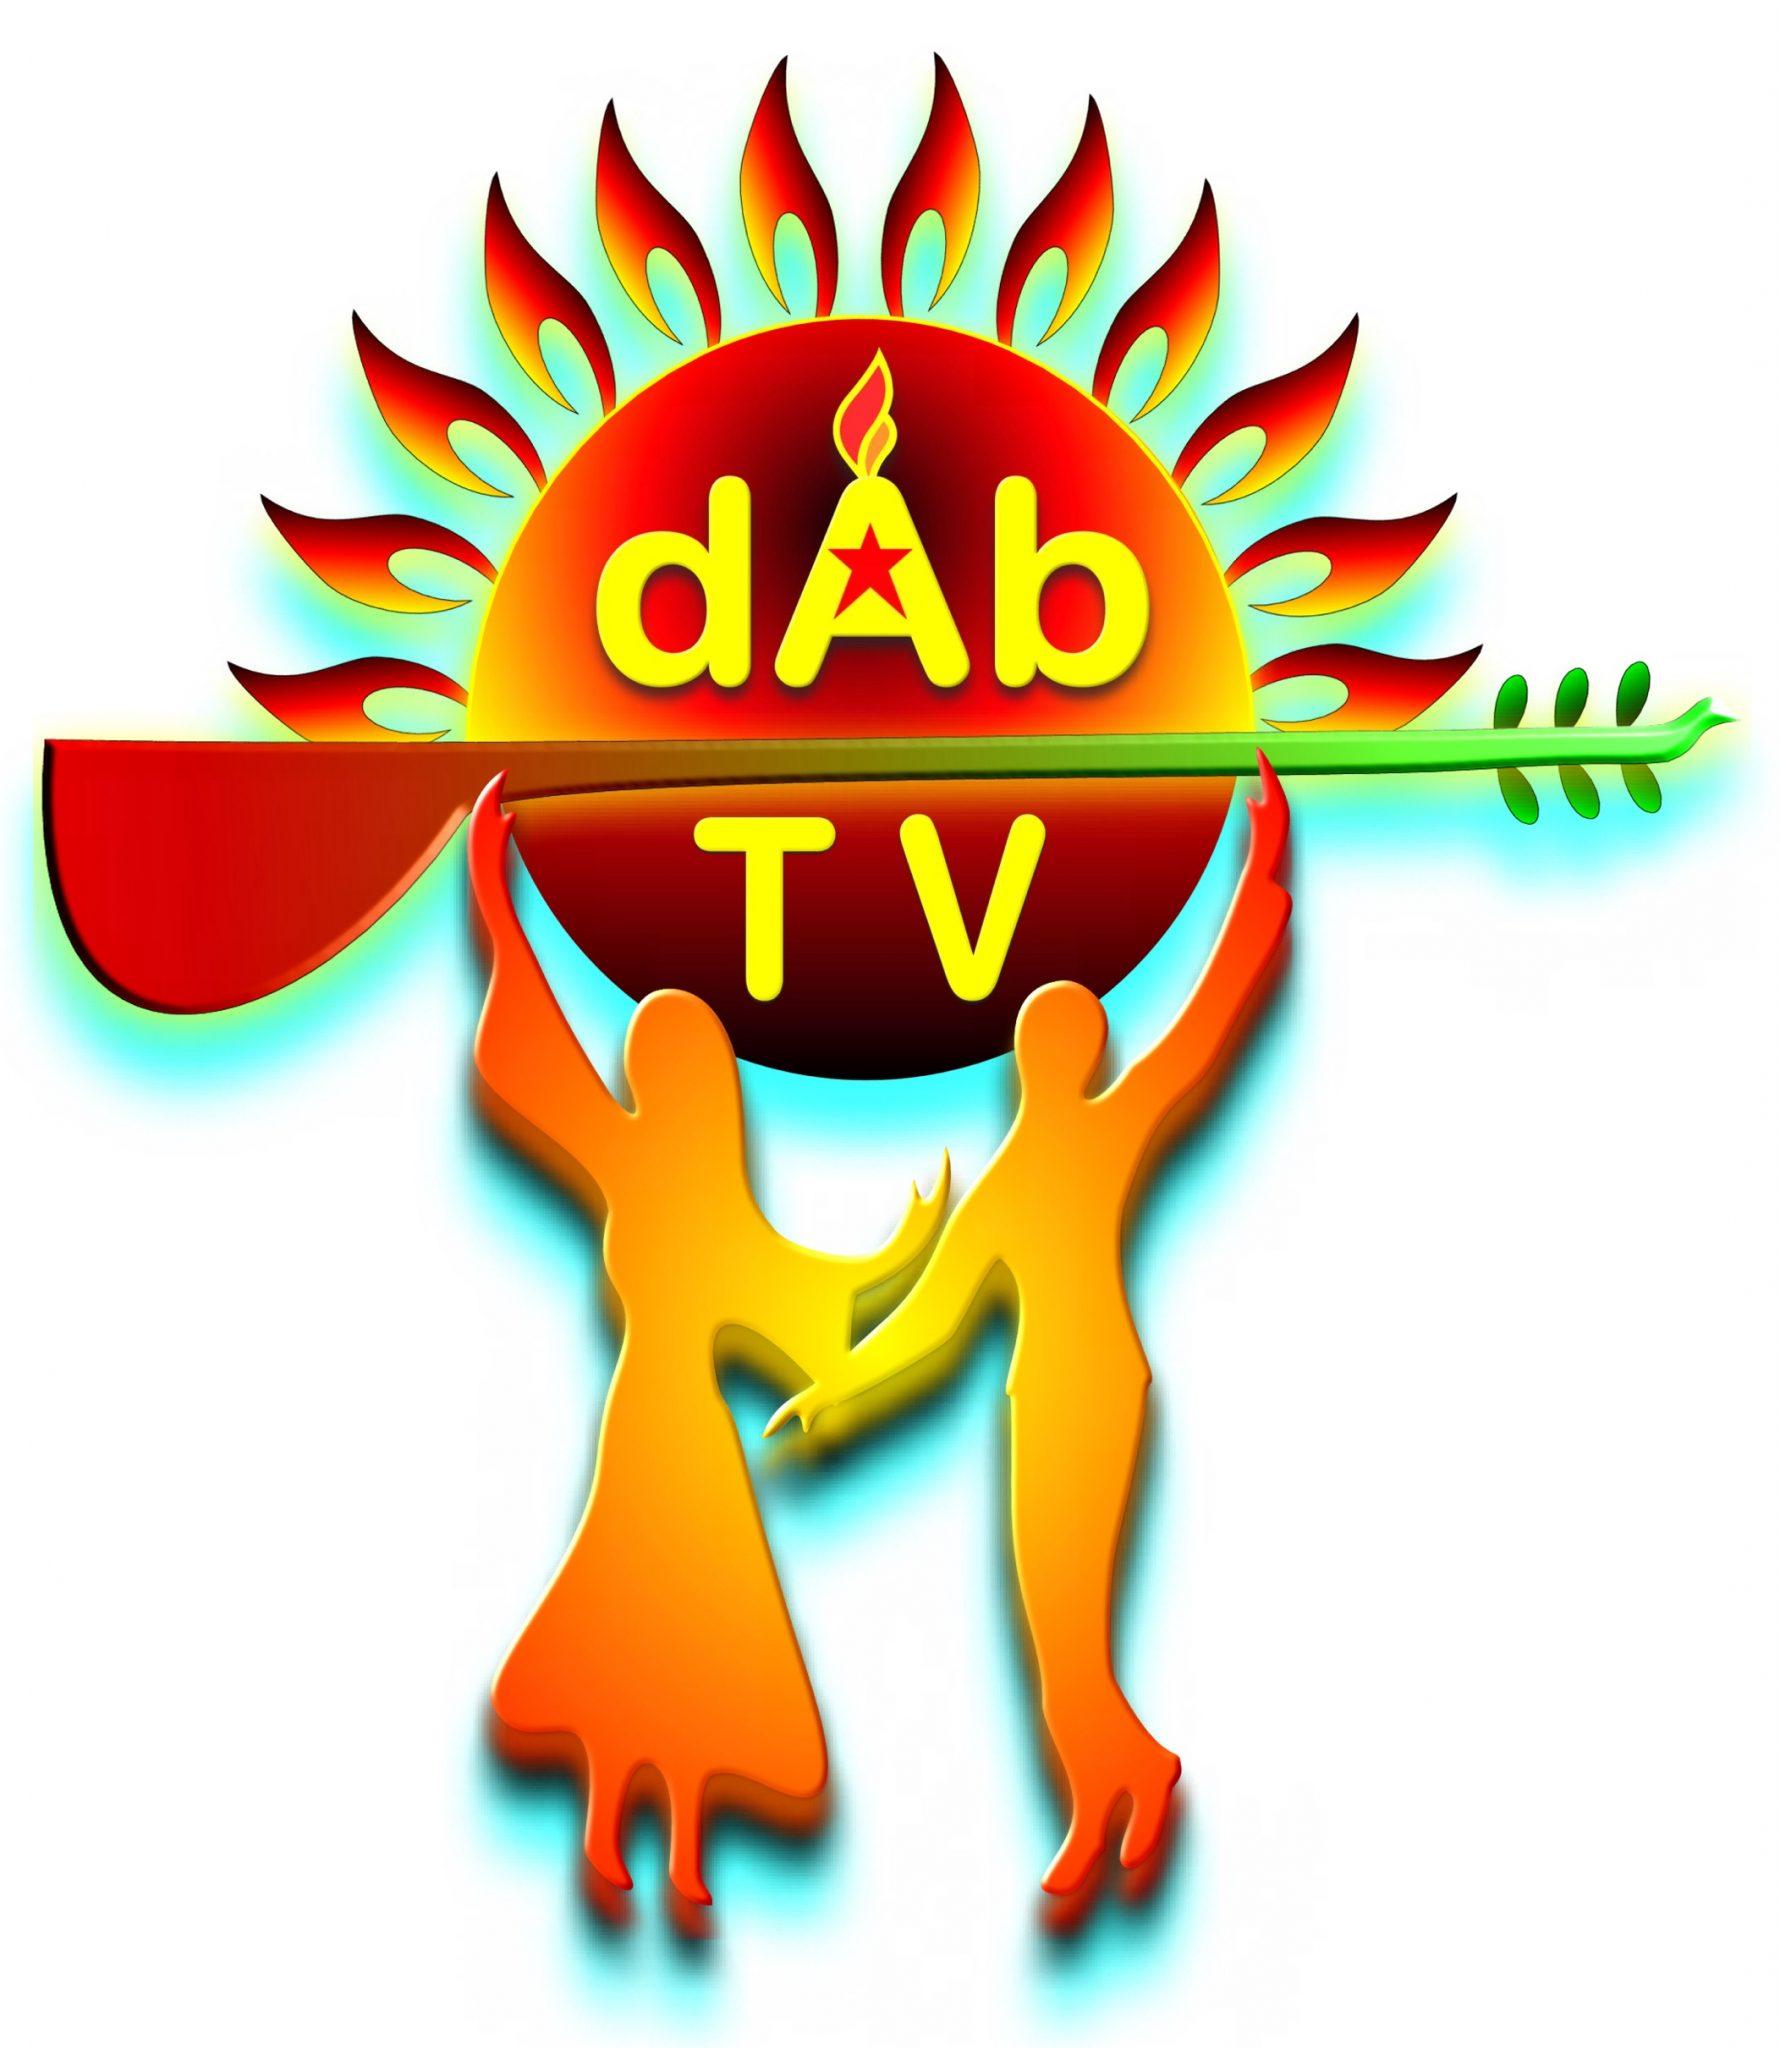 DAB Tv logo